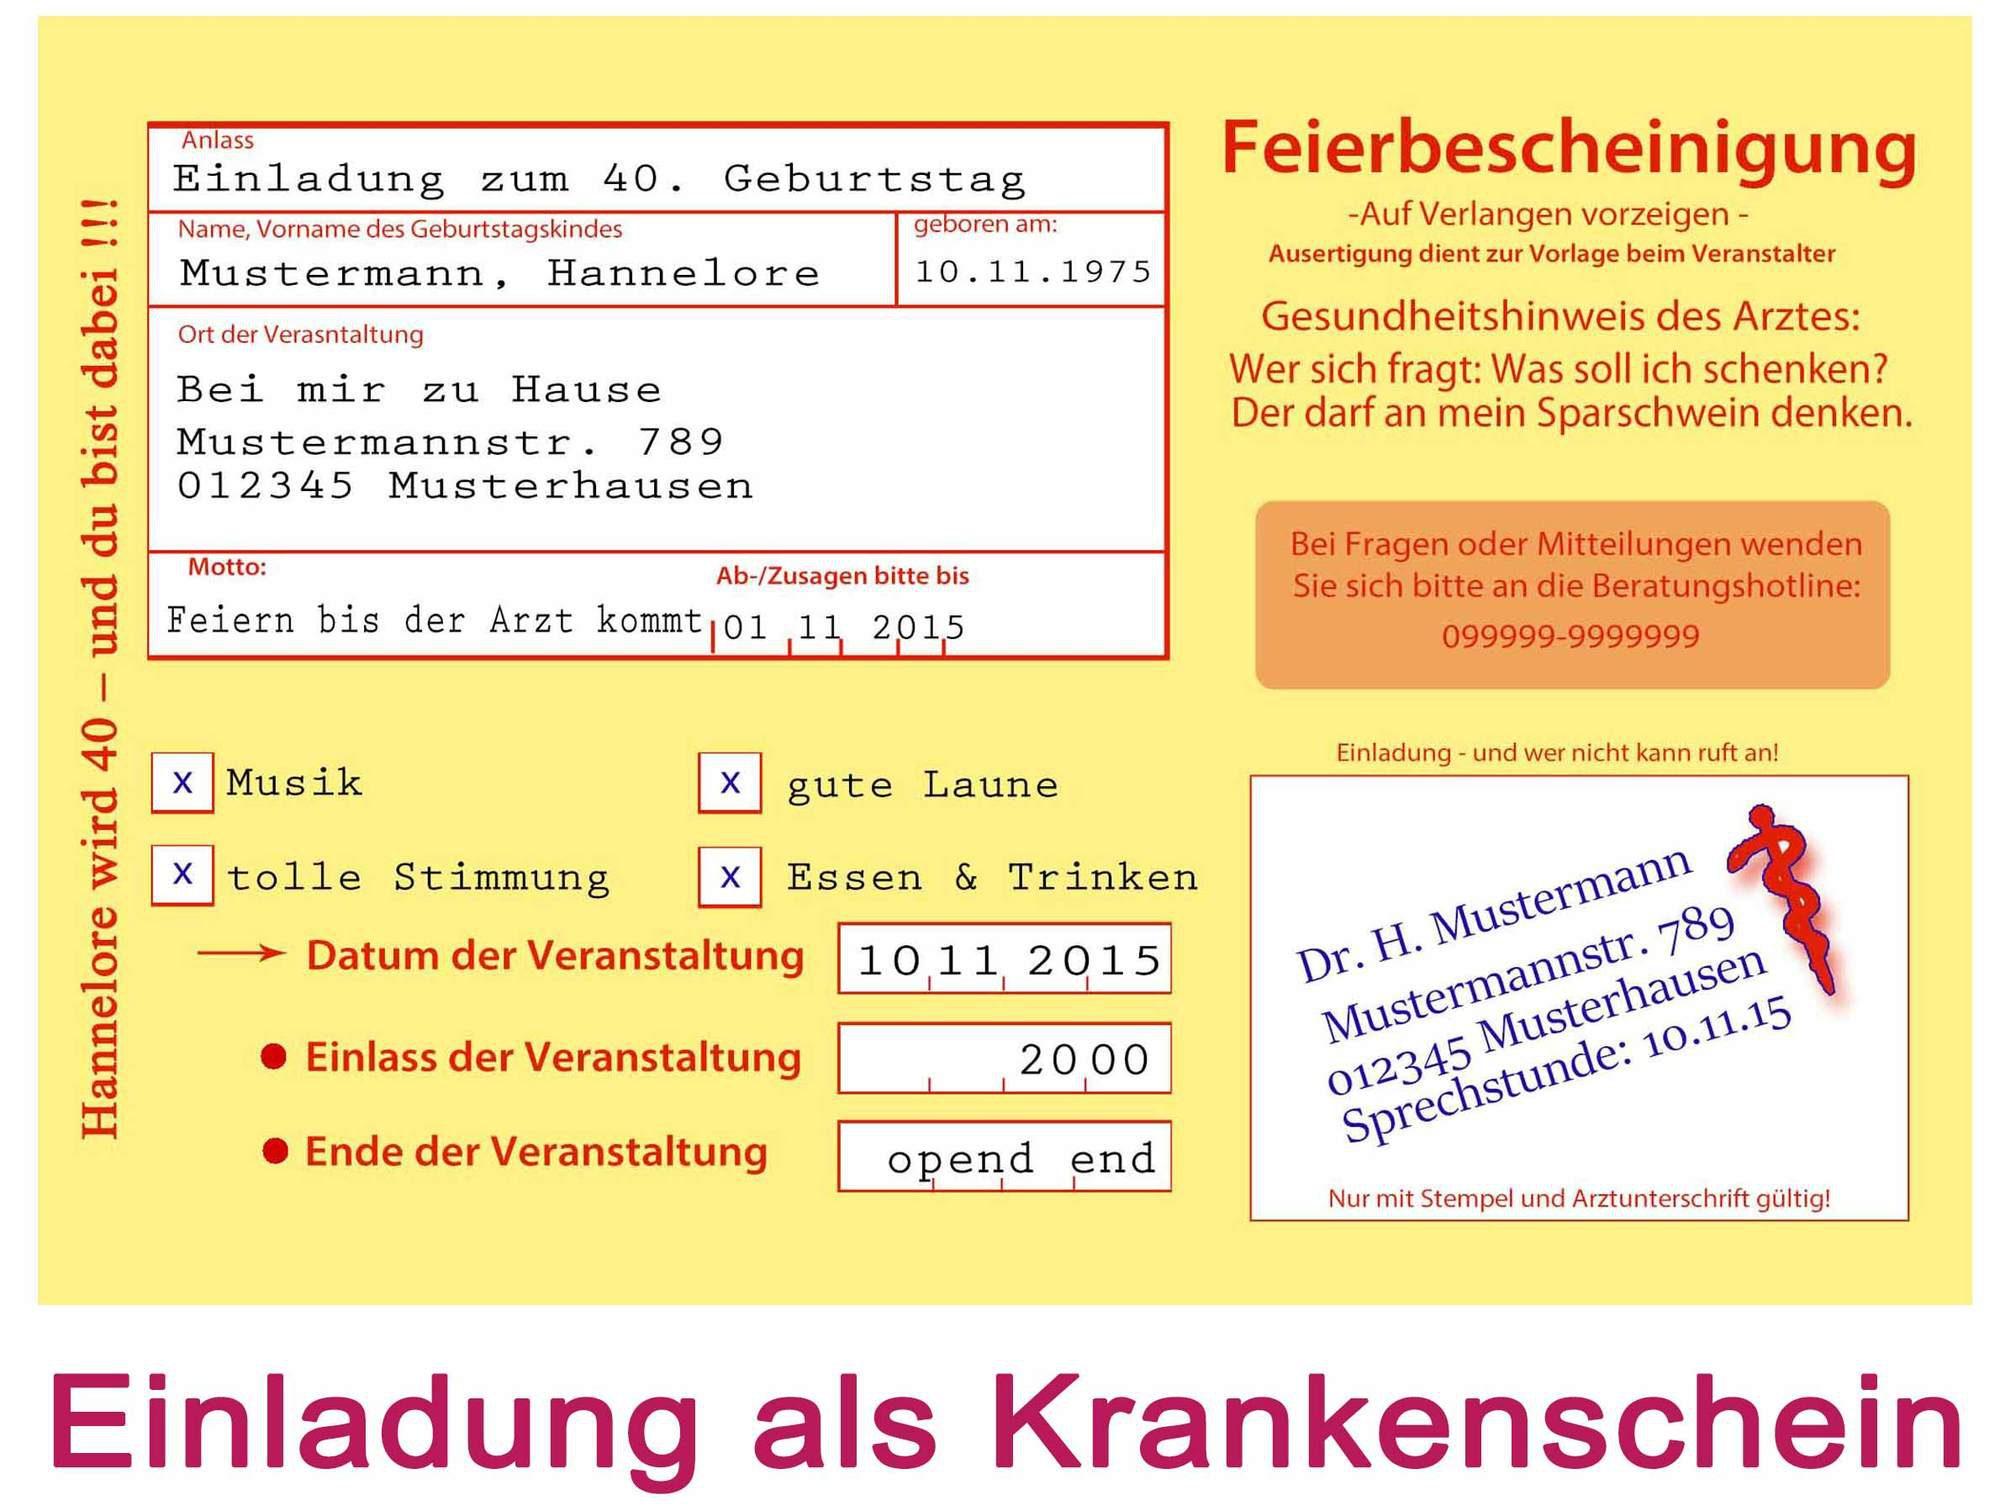 Related Image For Einladung Zum 50 Geburtstag Sprüche